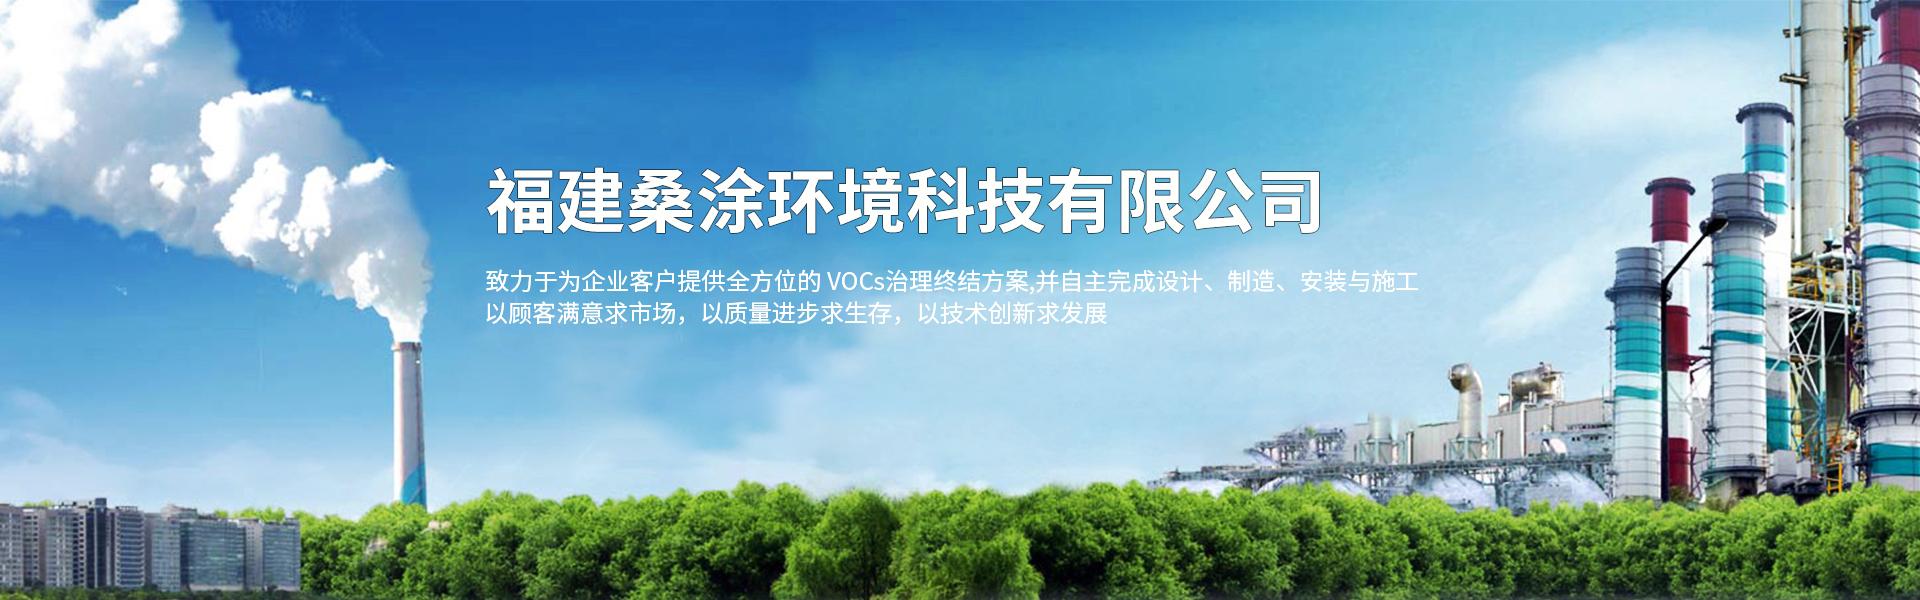 RCO催化燃烧设备,环保催化燃烧设备,废气催化燃烧设备